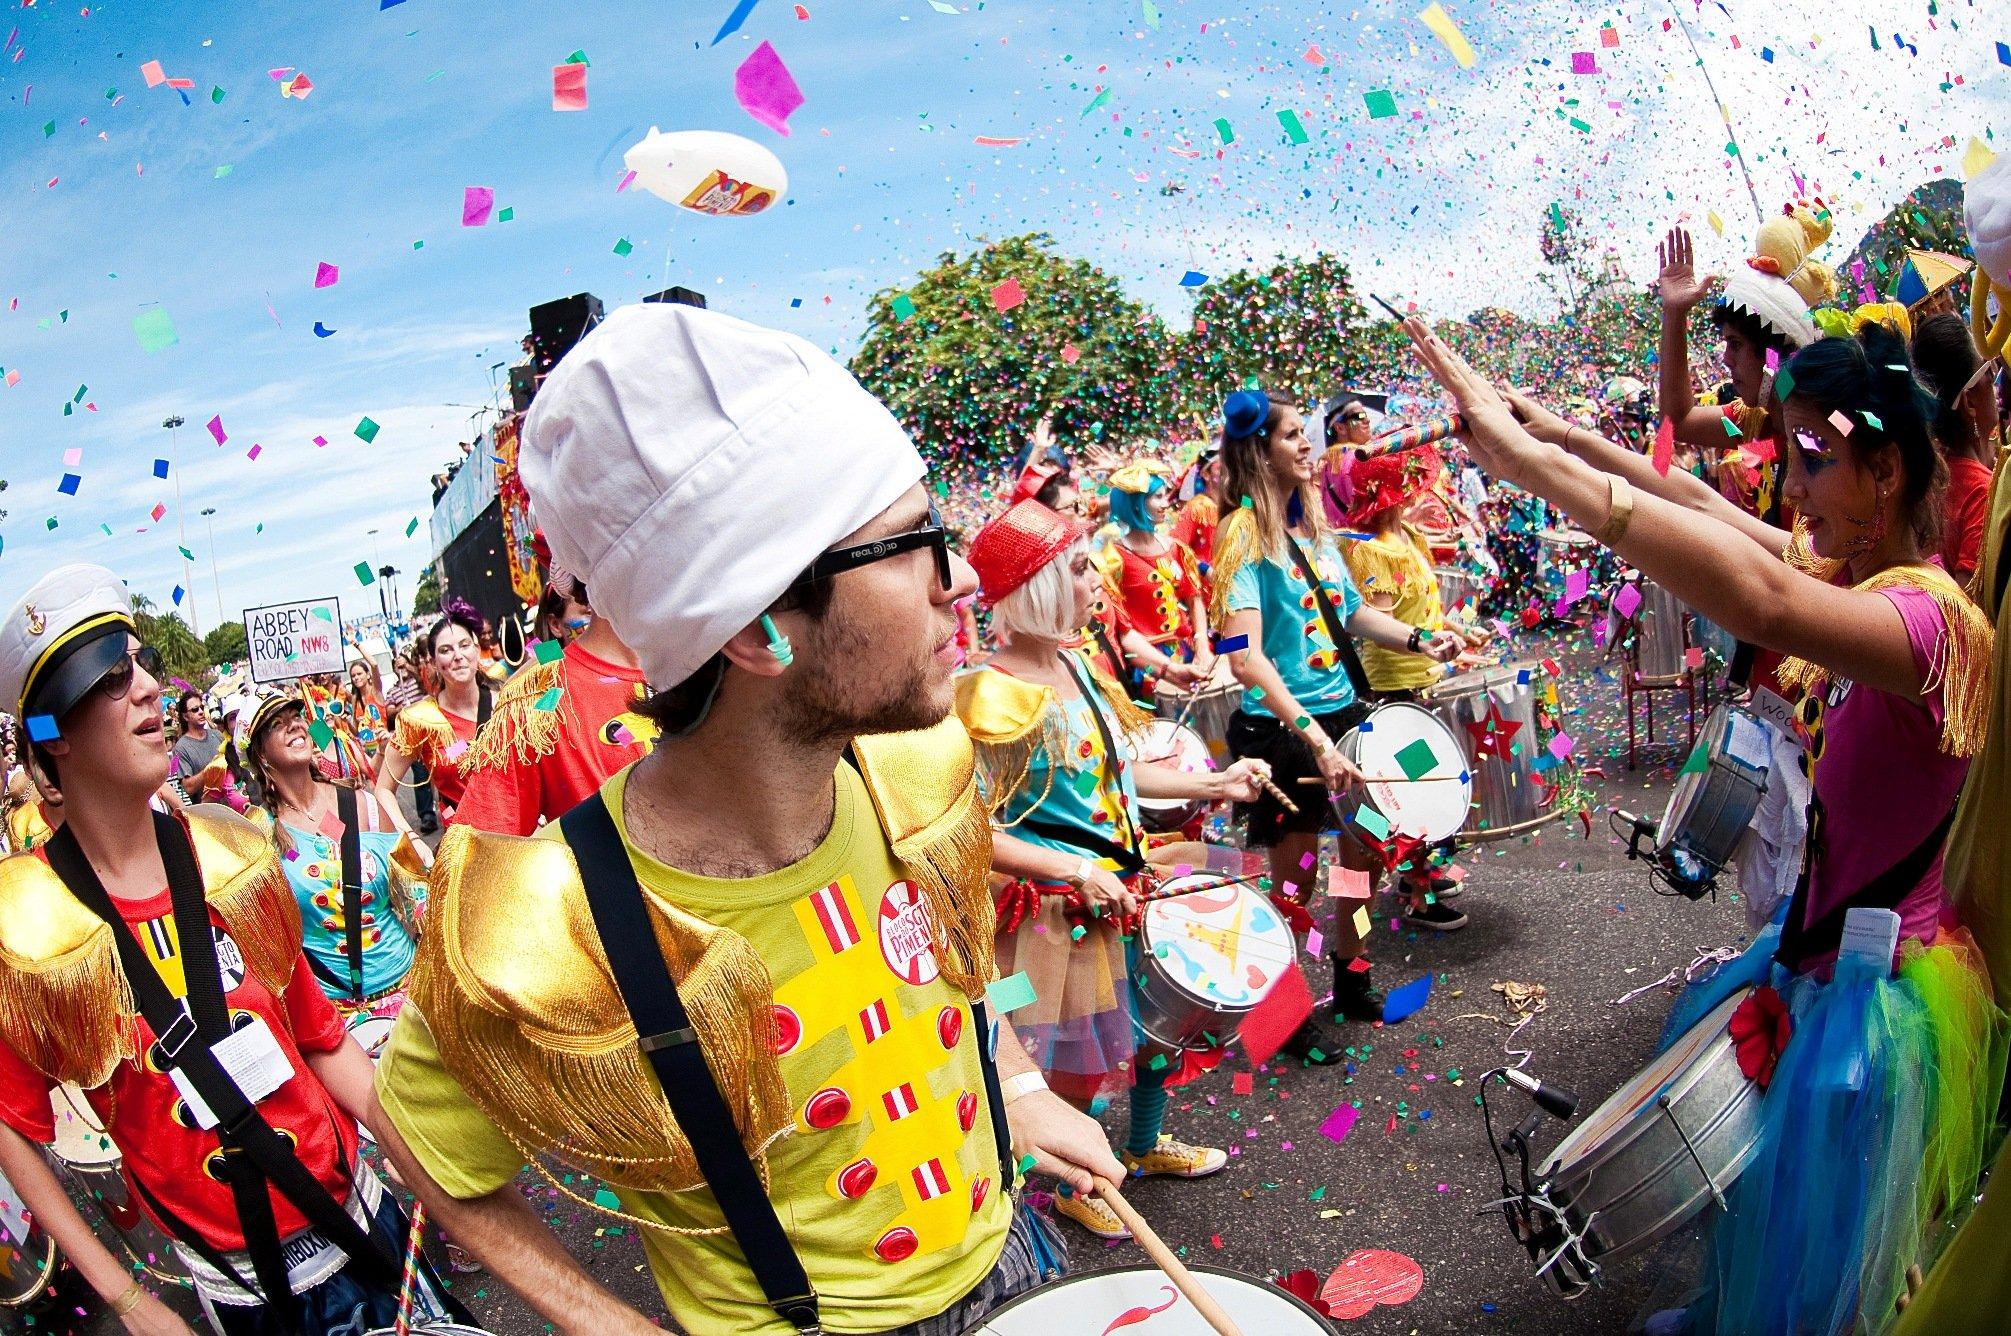 Como curtir o carnaval com segurança